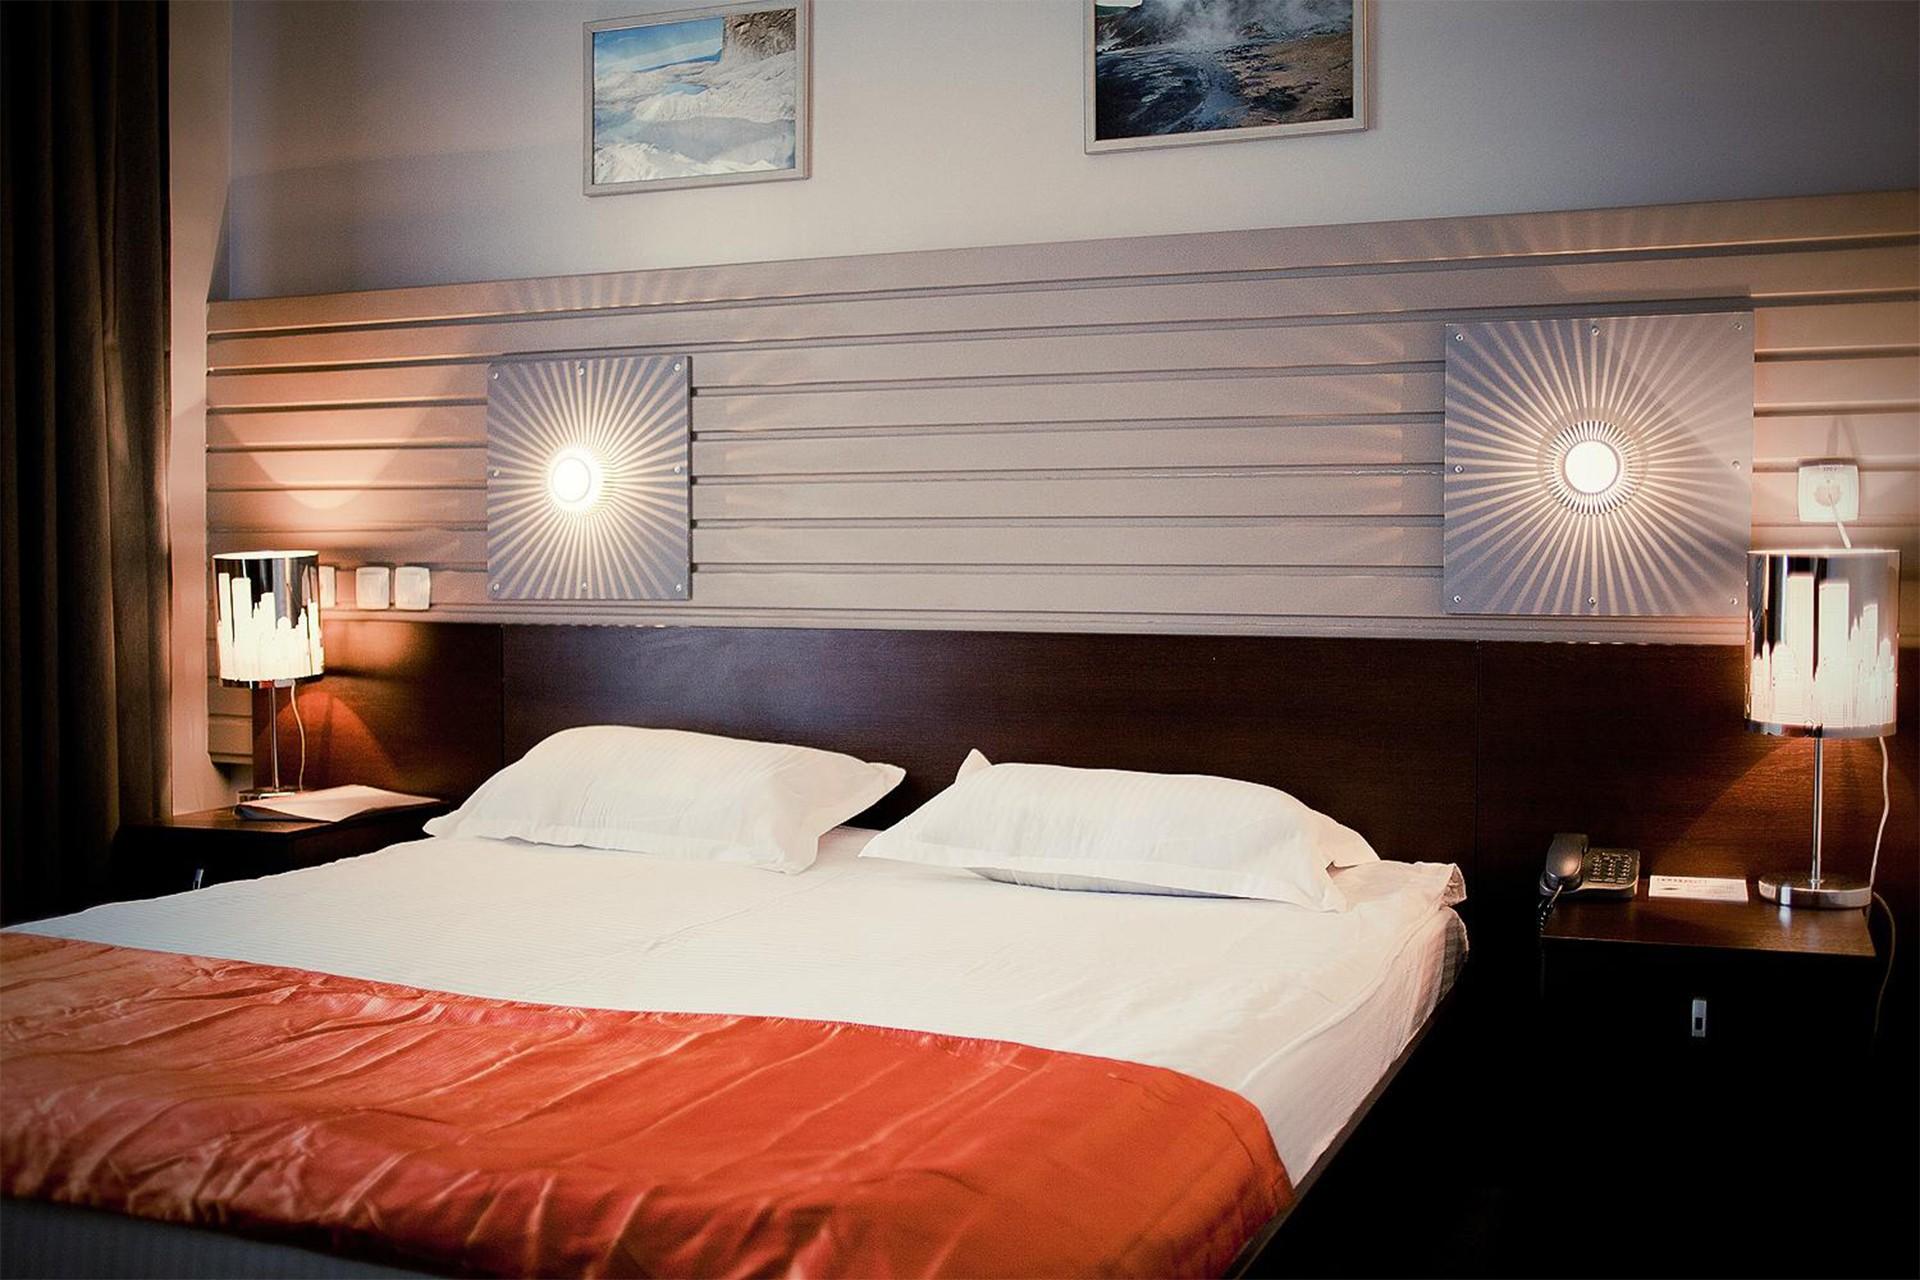 светильники настенные для спальни над кроватью